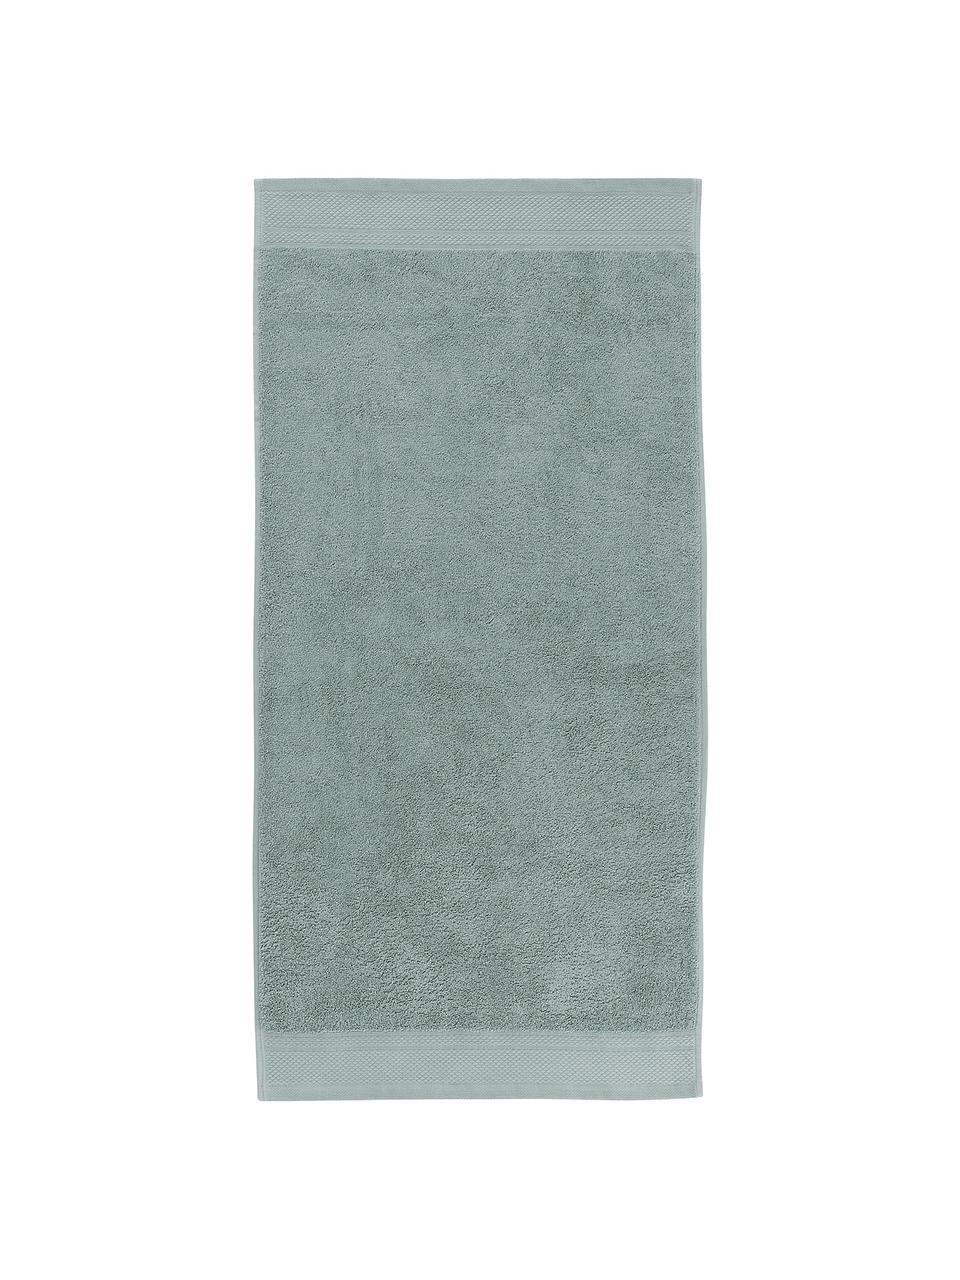 Komplet ręczników Premium, 3 elem., Szałwiowy zielony, Komplet z różnymi rozmiarami